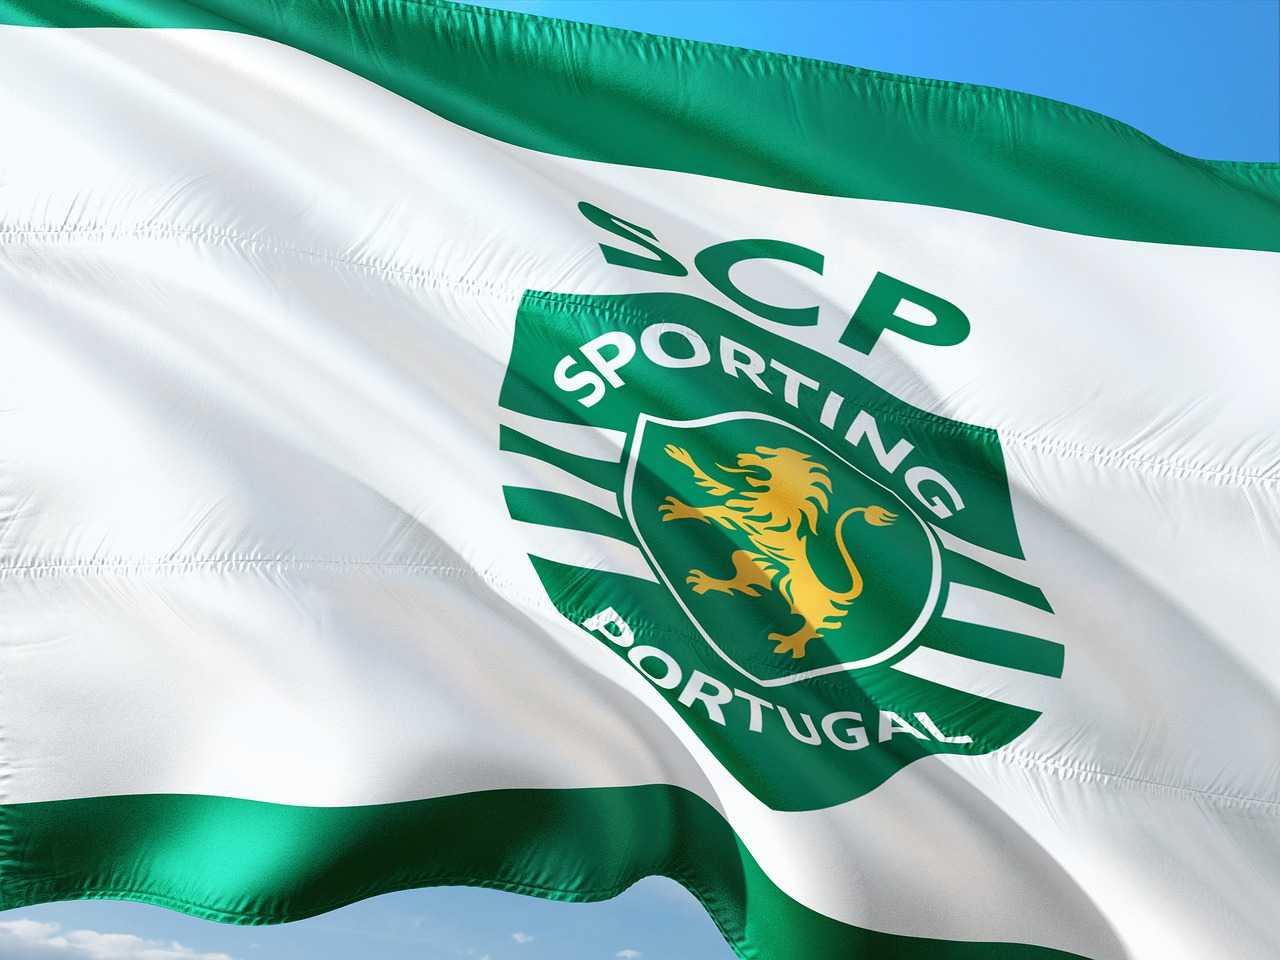 Primeira Liga: la situazione in classifica a 9 giornate dalla fine